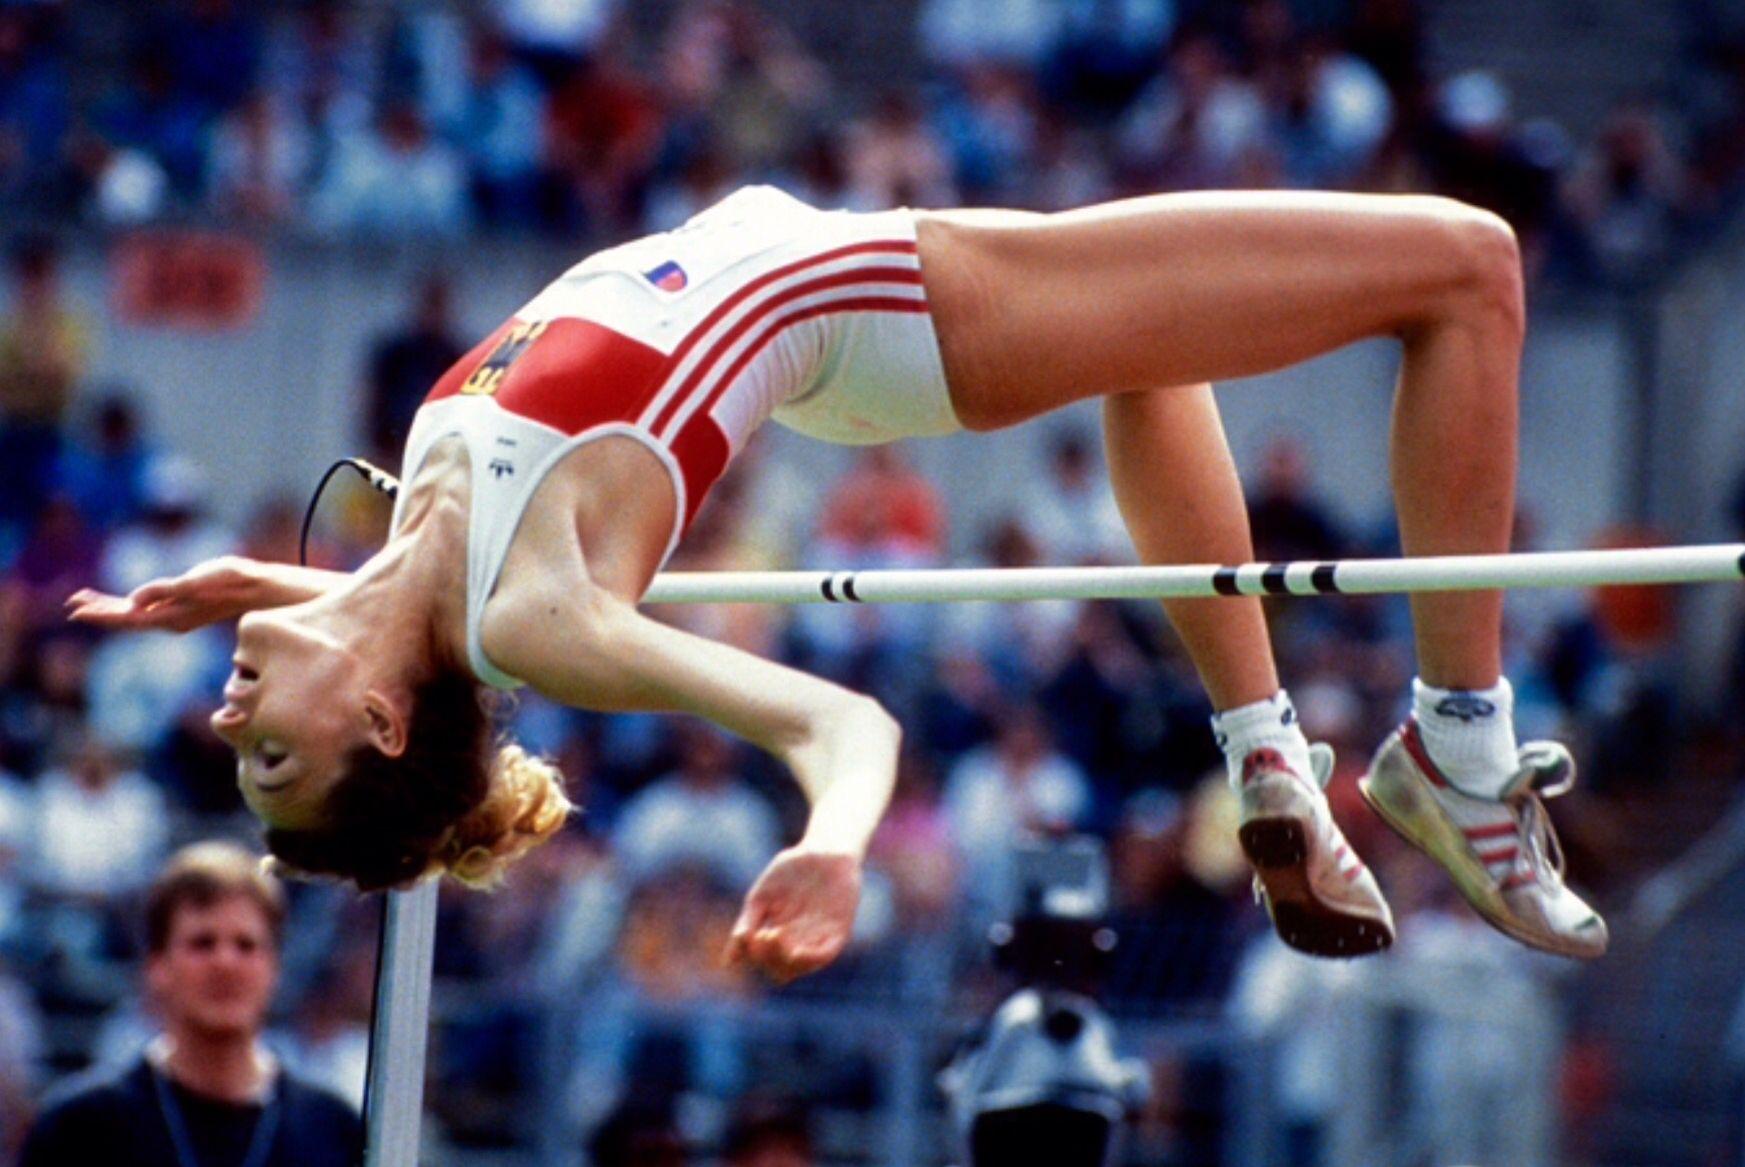 Heike Henkel Ger 2 05 Y 2 07 I Campeona Olimpica Barcelona 92 Con 2 02 Y Campeona Del Mundo En Tokio 91 Con Su Re High Jump Track And Field Sports Photos